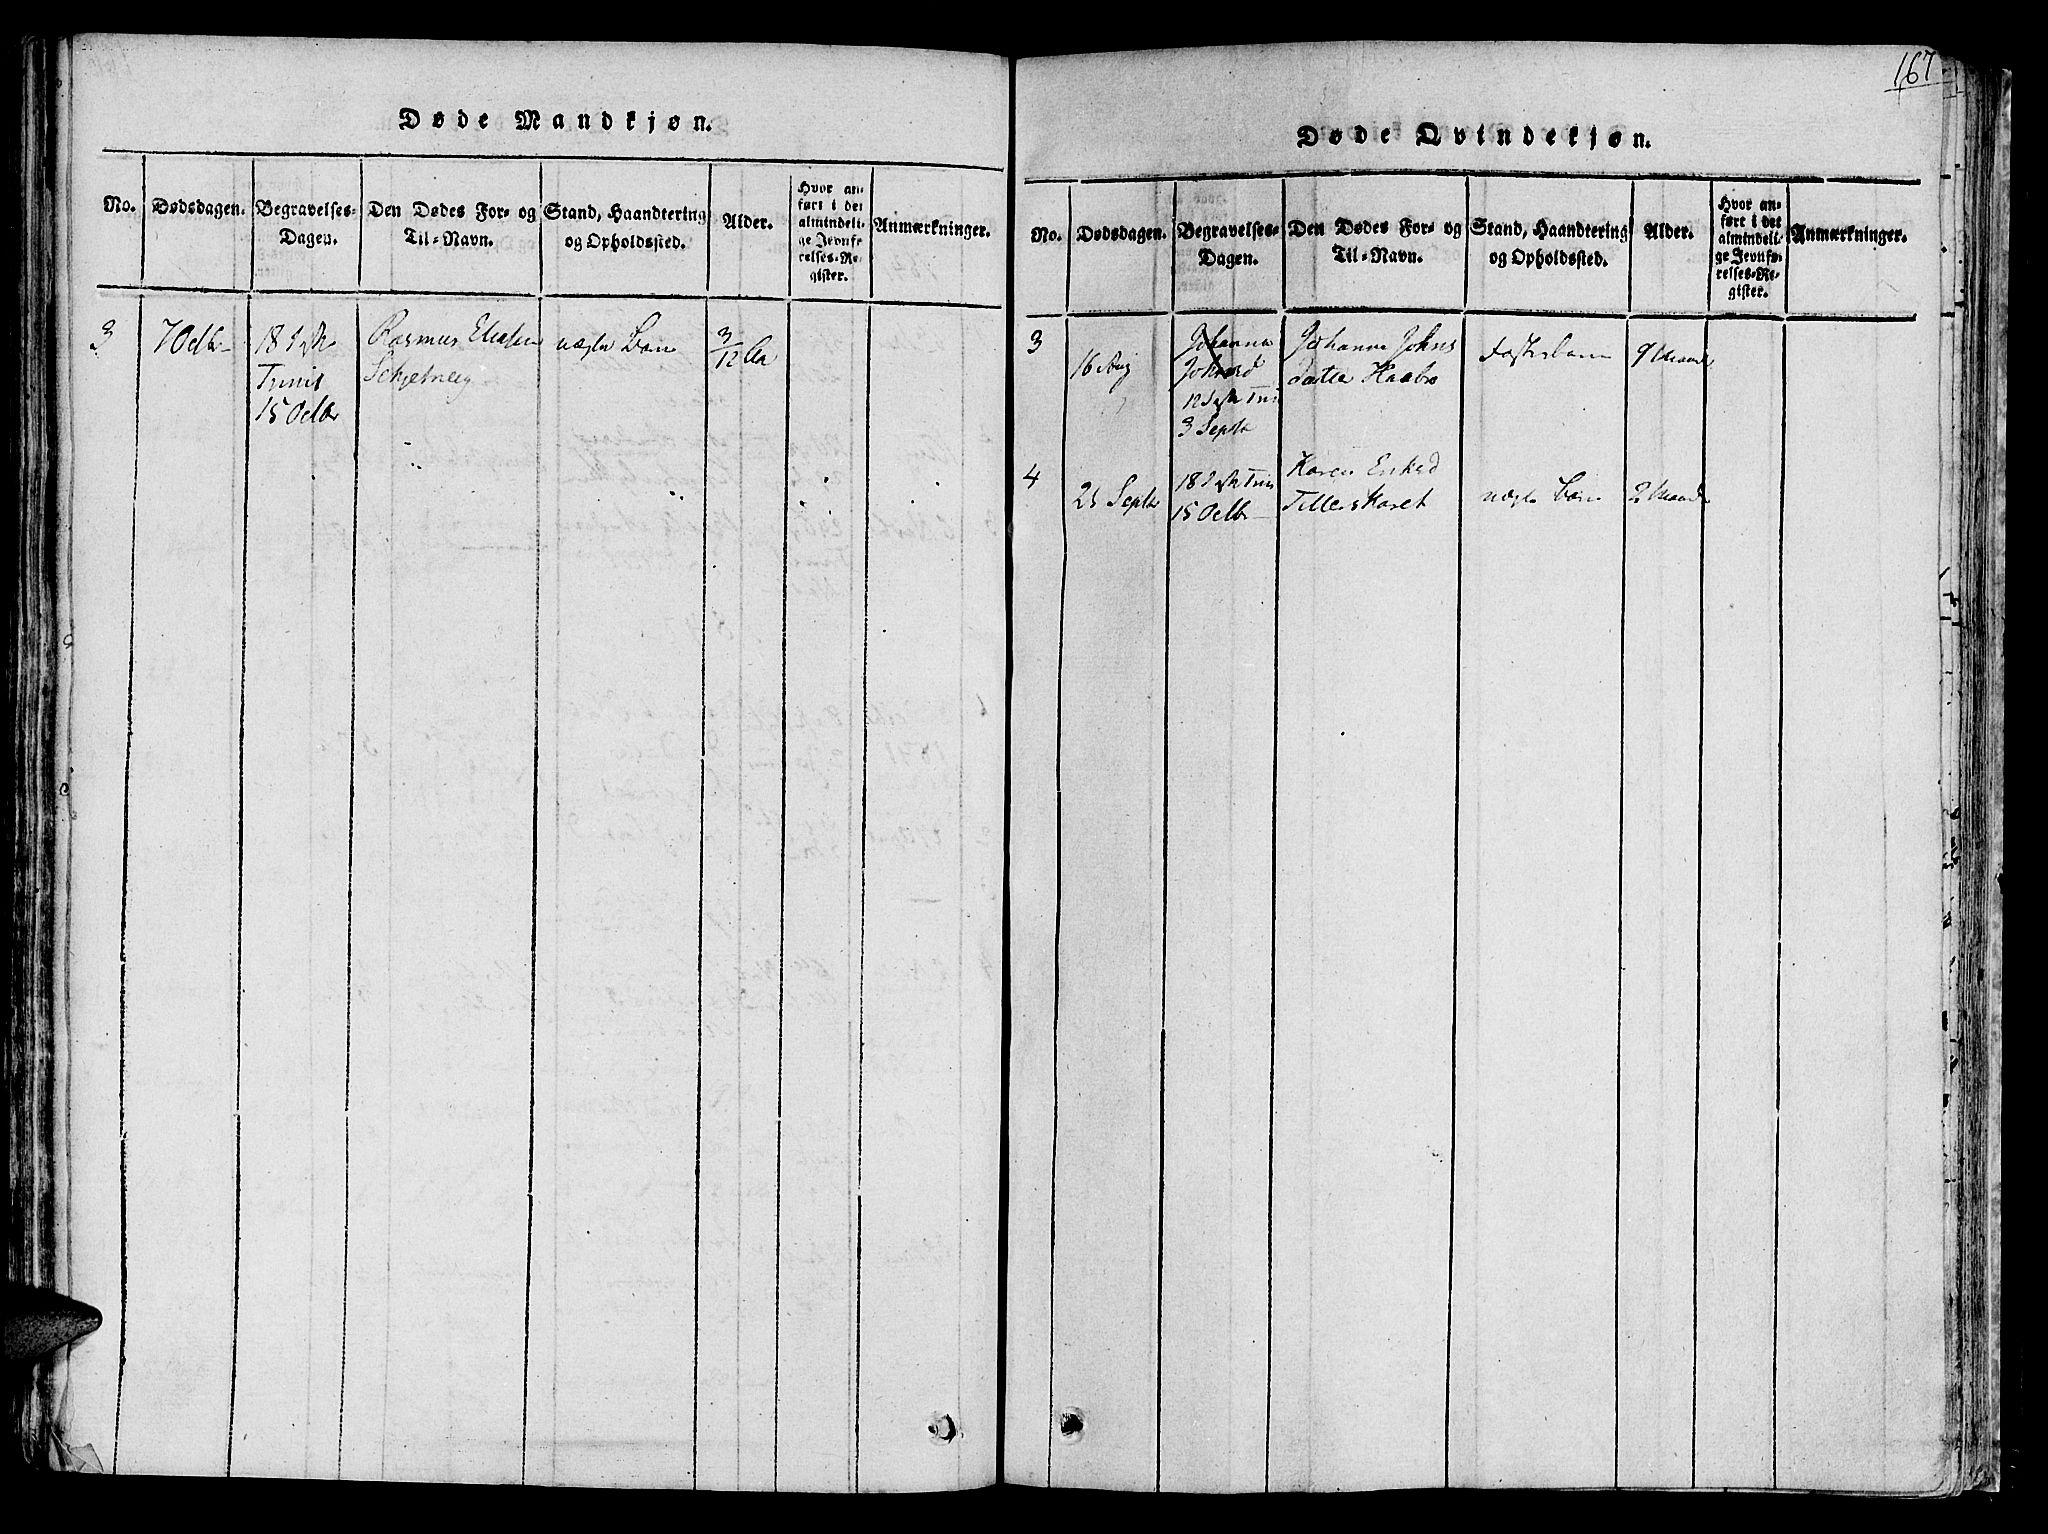 SAT, Ministerialprotokoller, klokkerbøker og fødselsregistre - Sør-Trøndelag, 618/L0440: Ministerialbok nr. 618A04 /2, 1816-1843, s. 167